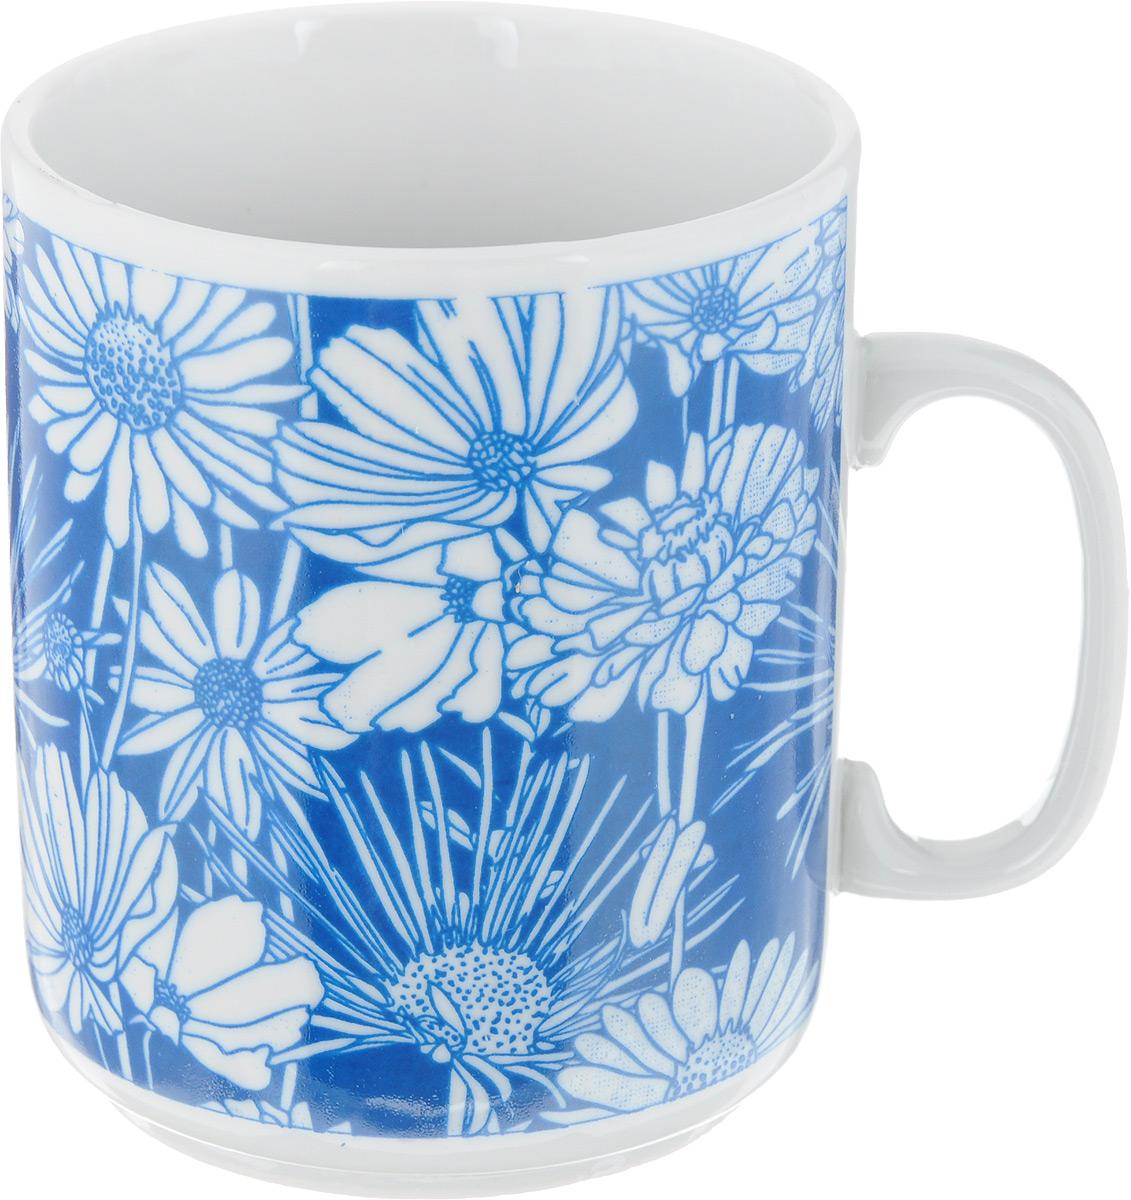 Кружка Фарфор Вербилок Цветочная поляна, цвет: темно-синий, 300 мл115510Кружка Фарфор Вербилок Цветочная поляна способна скрасить любое чаепитие. Изделие выполнено из высококачественного фарфора. Посуда из такого материала позволяет сохранить истинный вкус напитка, а также помогает ему дольше оставаться теплым.Диаметр кружки (по верхнему краю): 8 см.Высота кружки: 9,5 см.